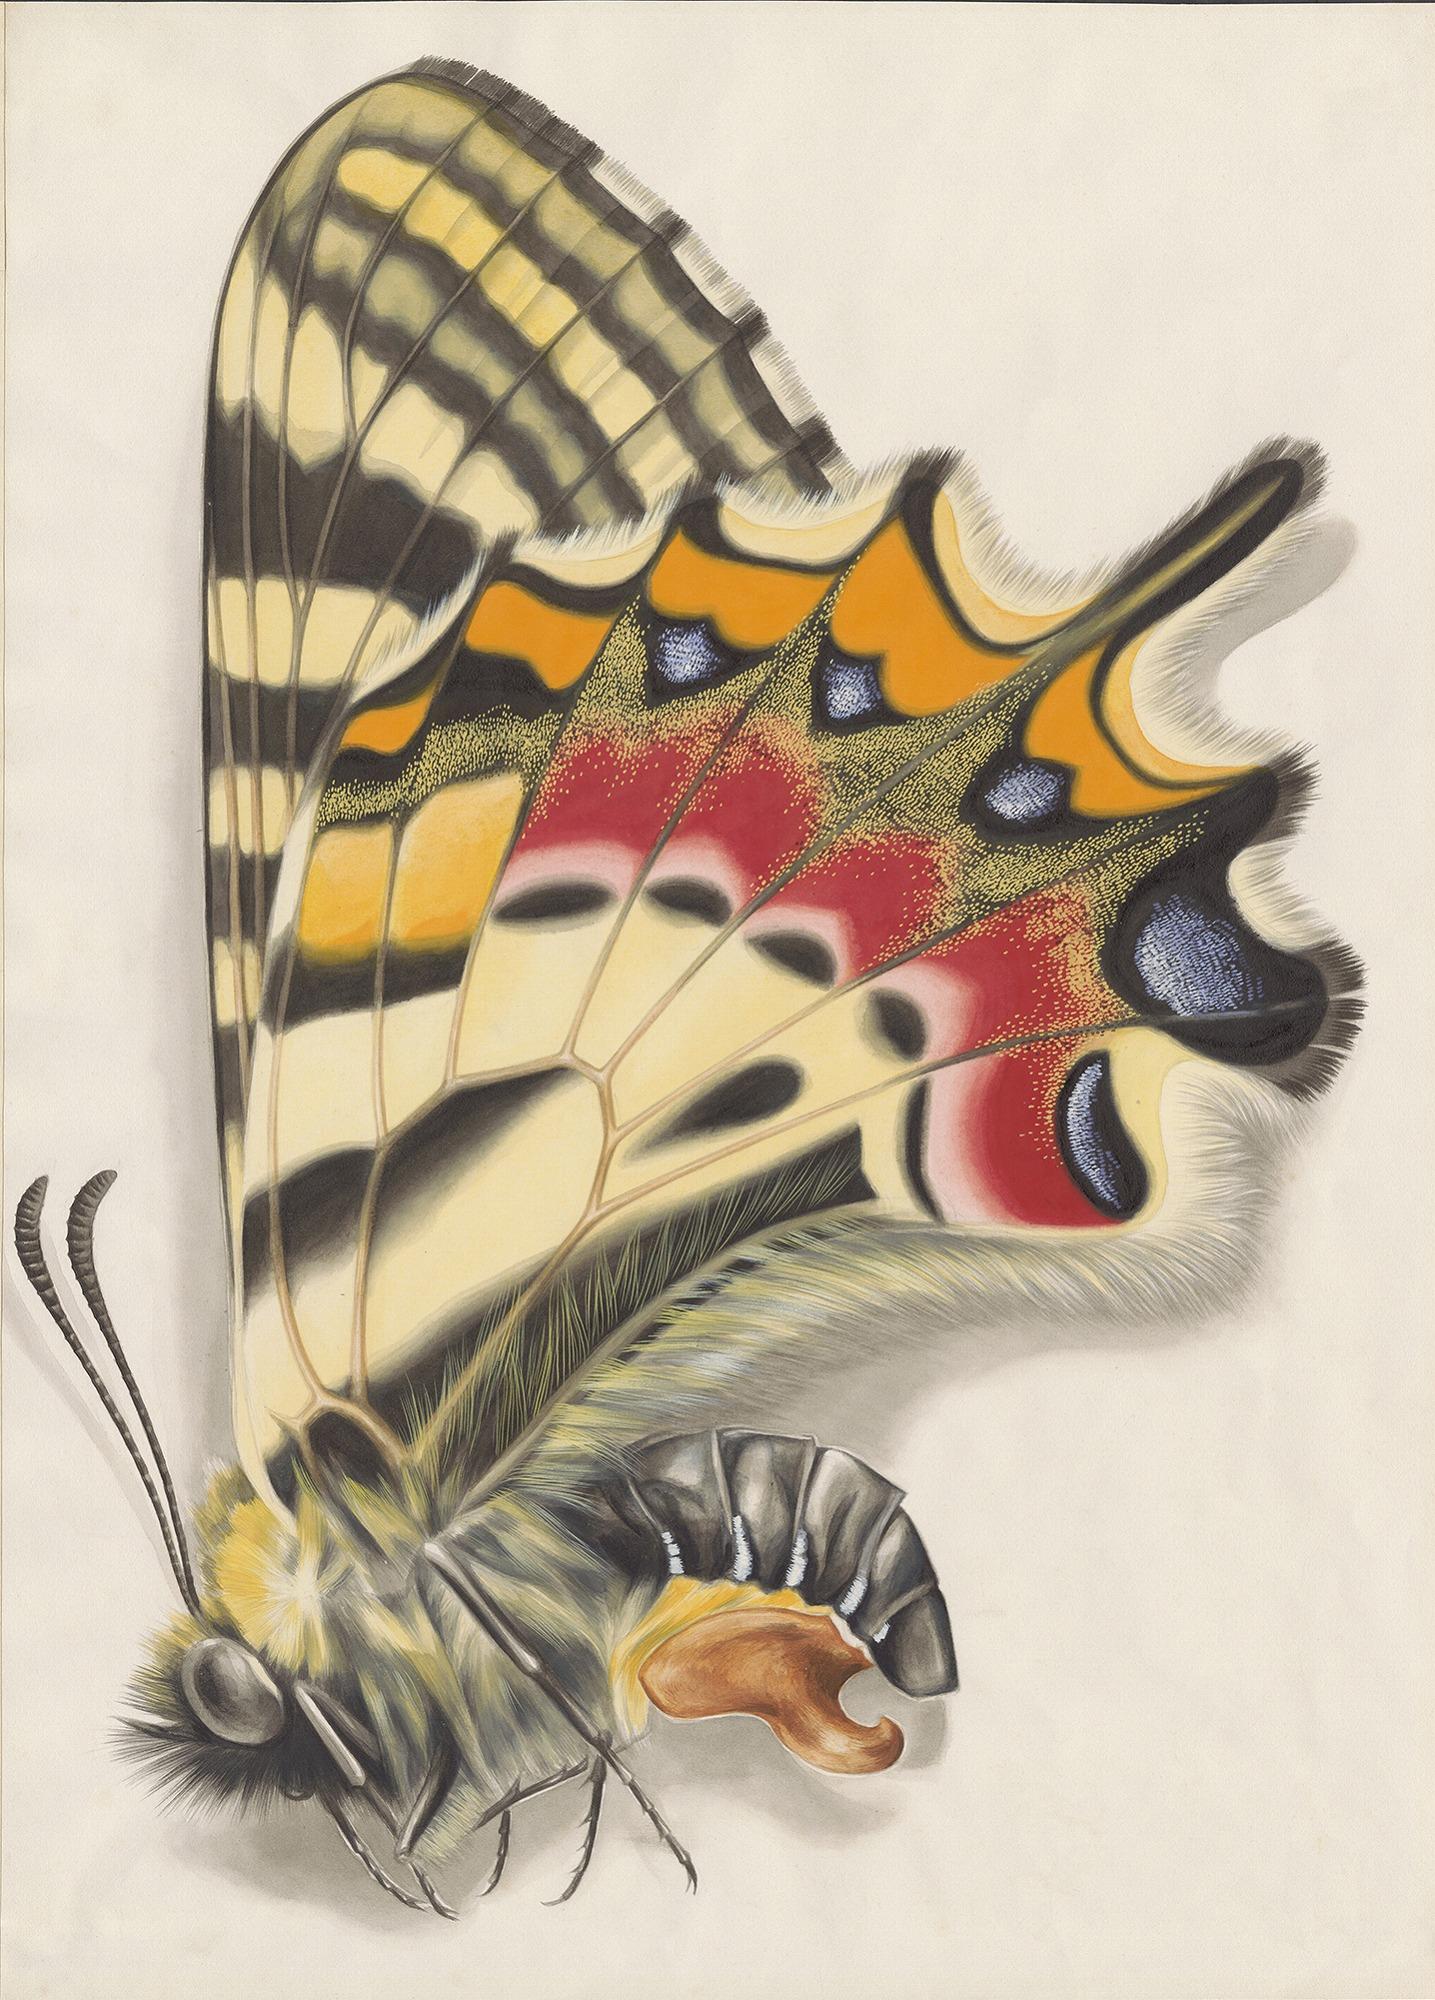 【ヒメギフチョウ♀】1949年制作